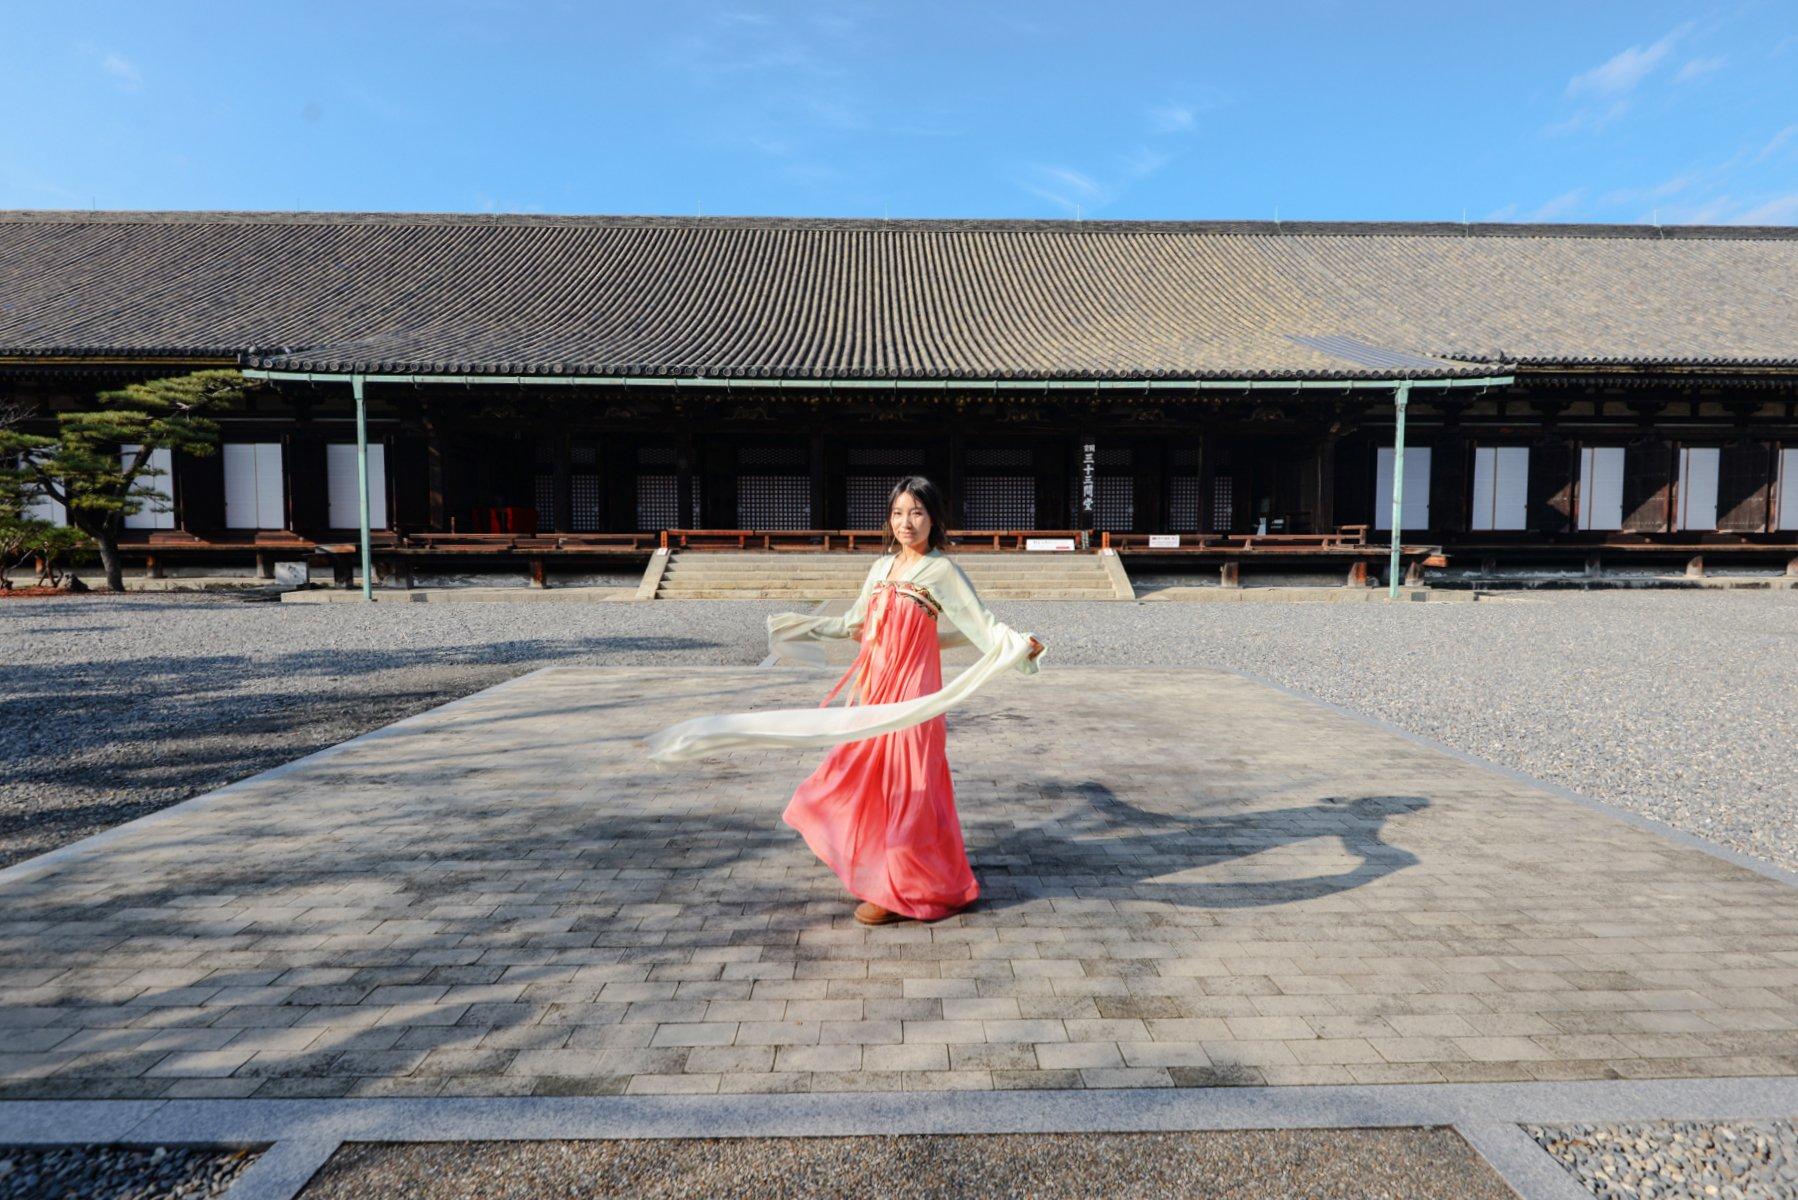 京都:穿着汉服,在日本来一场中国的穿越礼